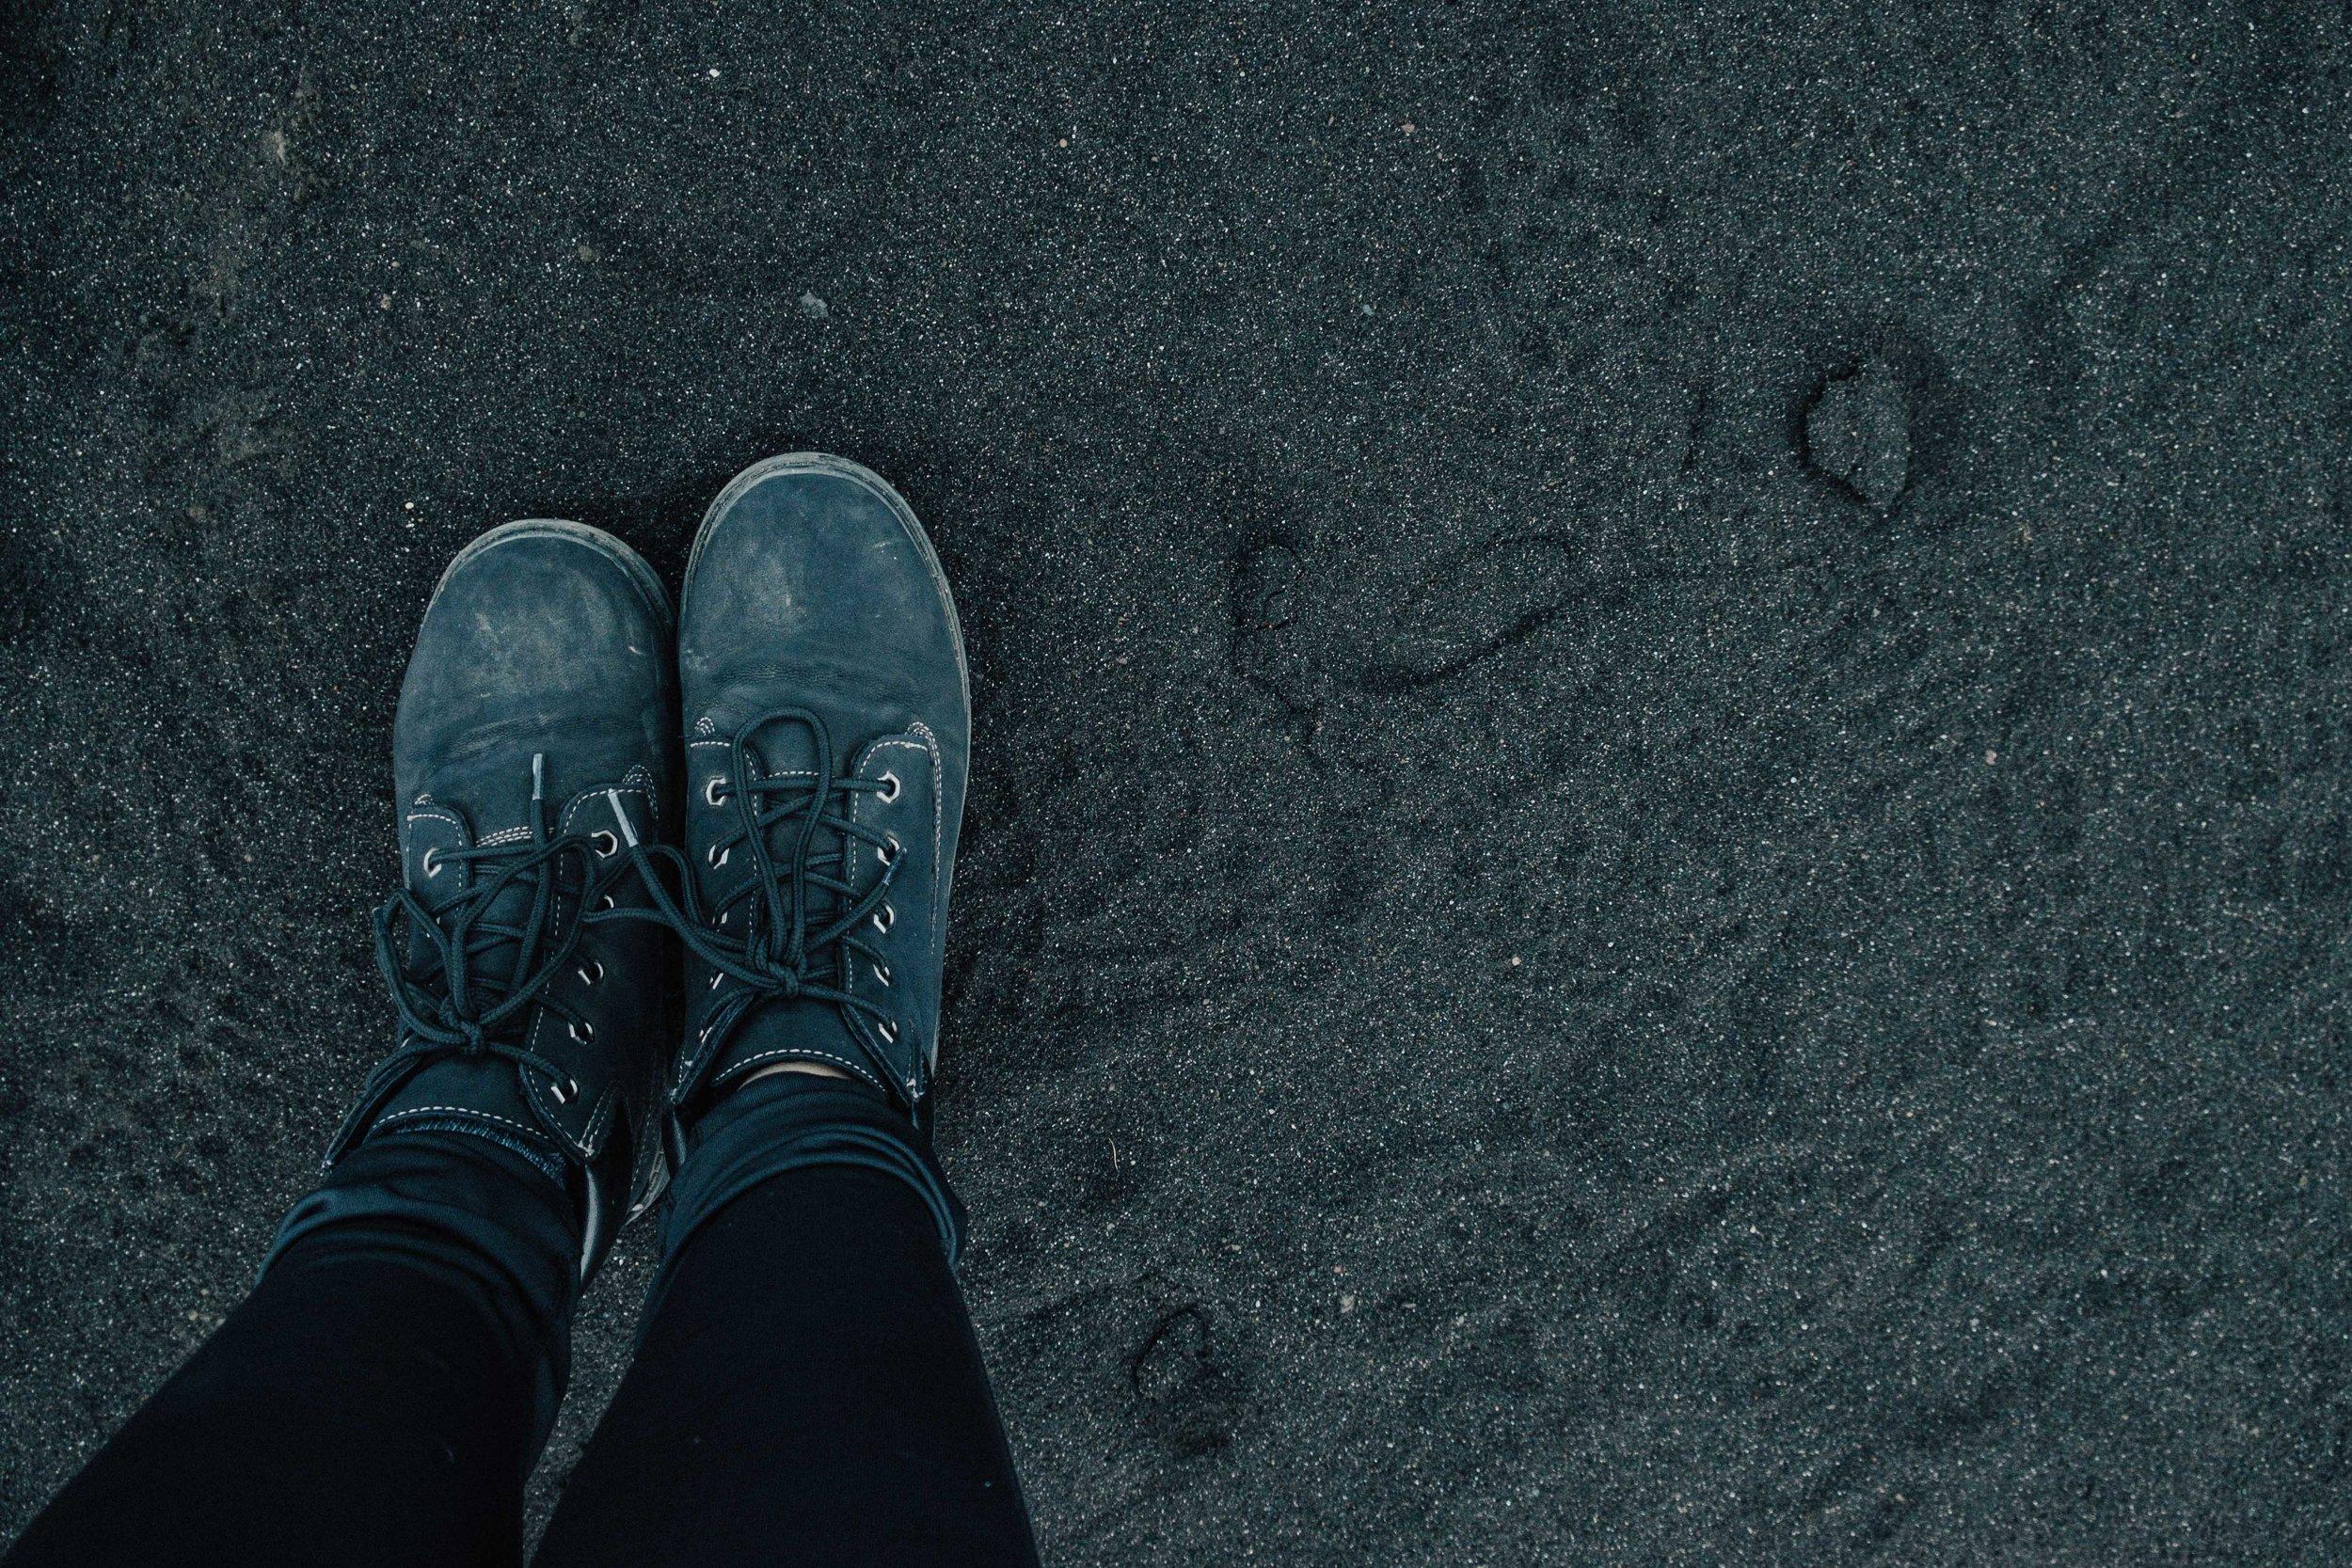 Waterproof shoes were my best friend in Iceland.